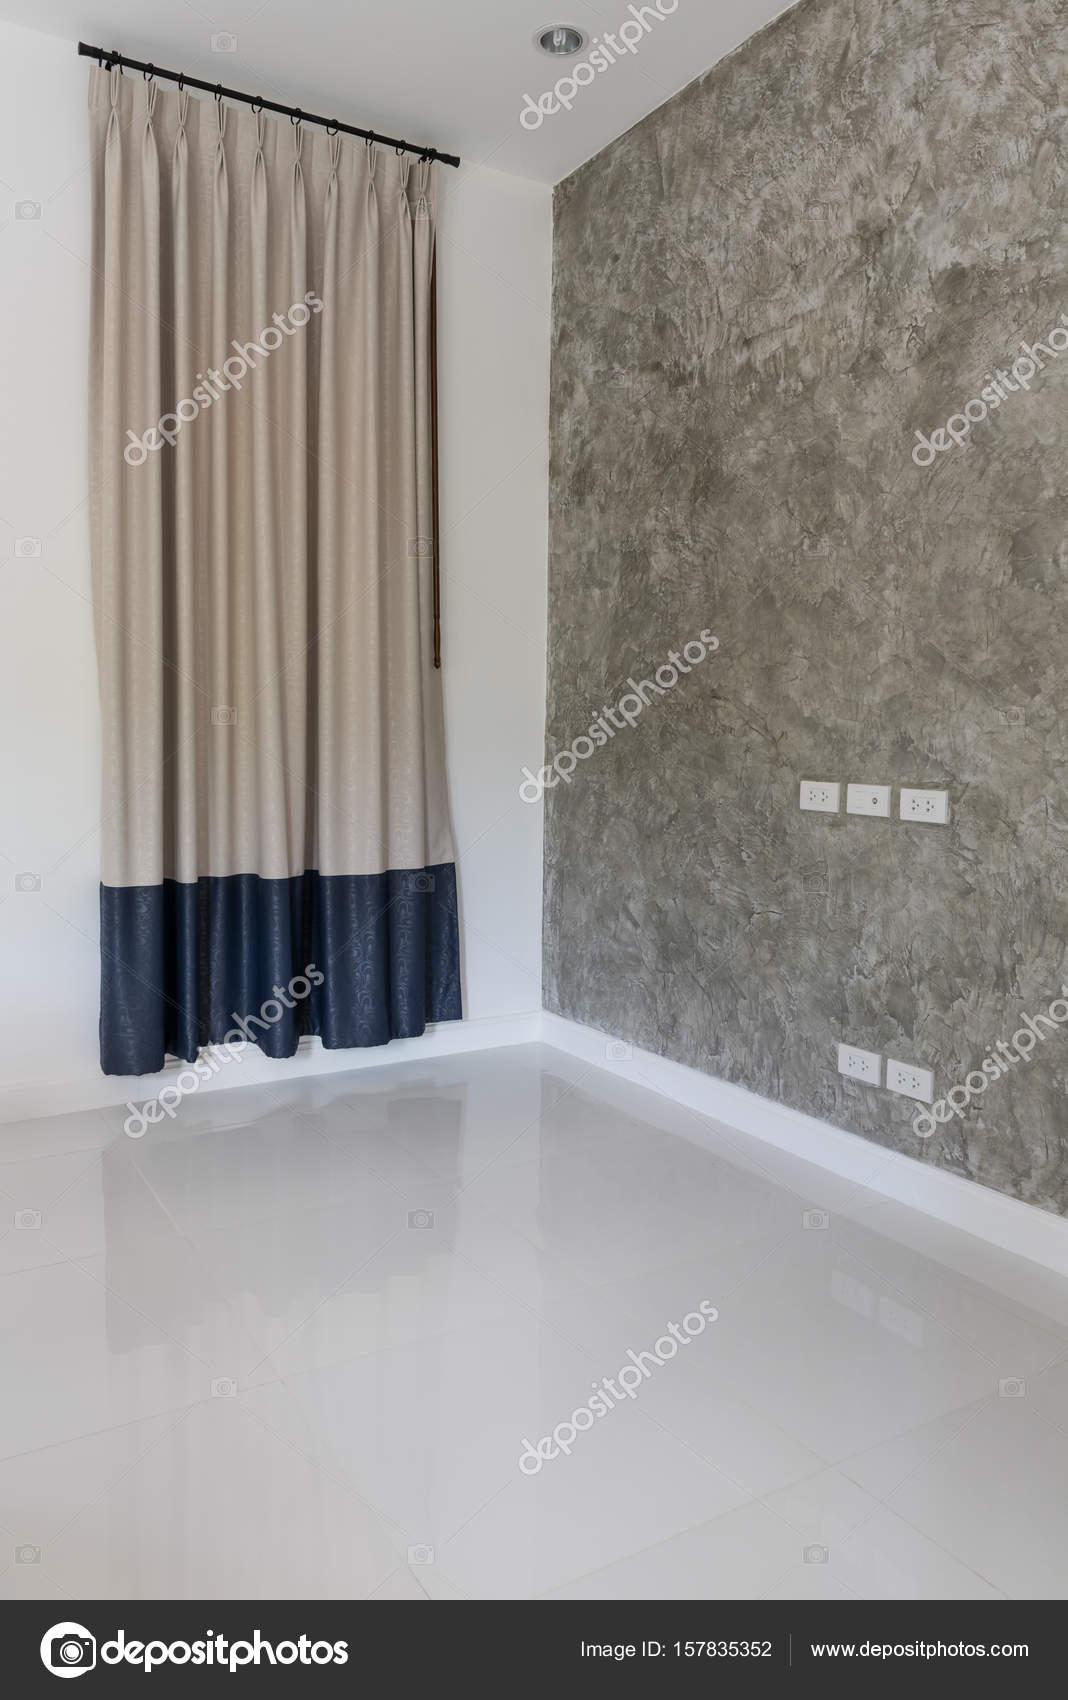 Dos tonos grises y azules cortinas de fondo de la habitación moderna blanca  — Fotos de d8e25b09b7e7